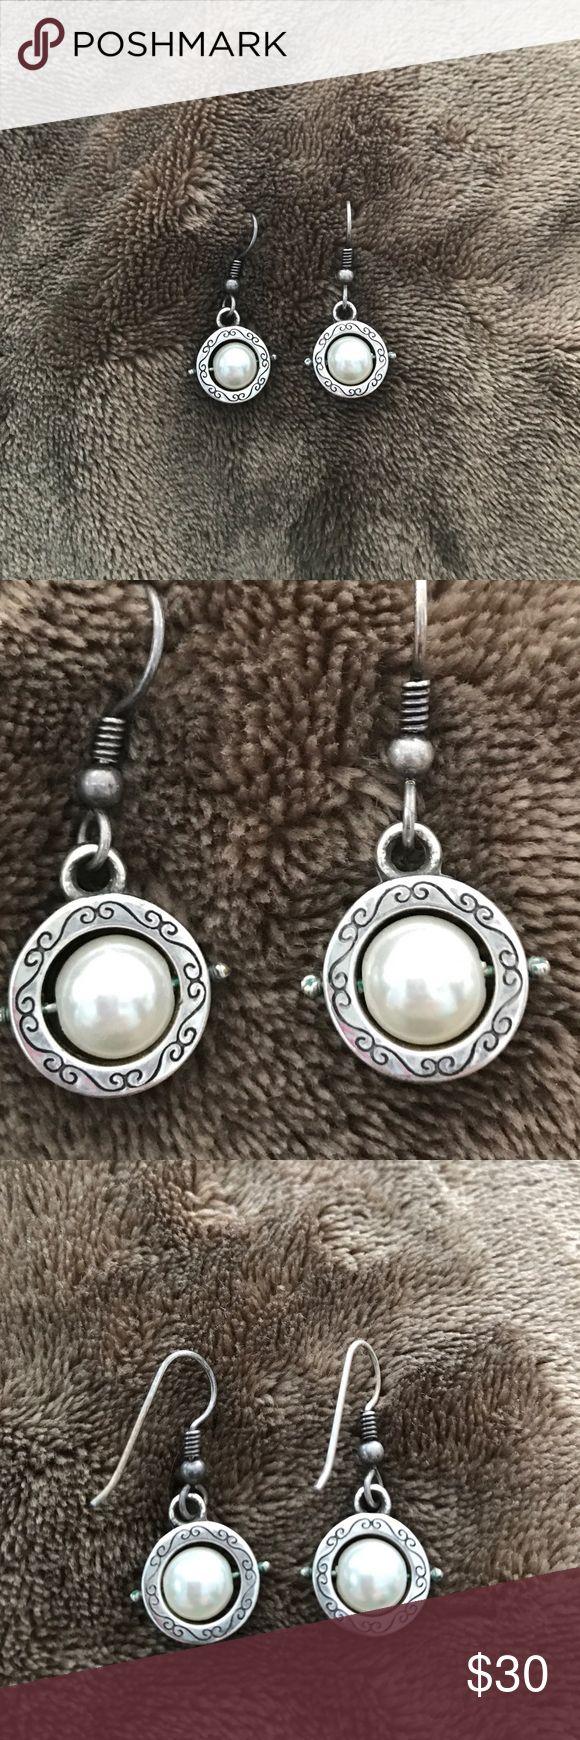 Brighton Pearl Drop earrings Wire back Pearl Drop earrings from Brighton. Timeless style Brighton Jewelry Earrings